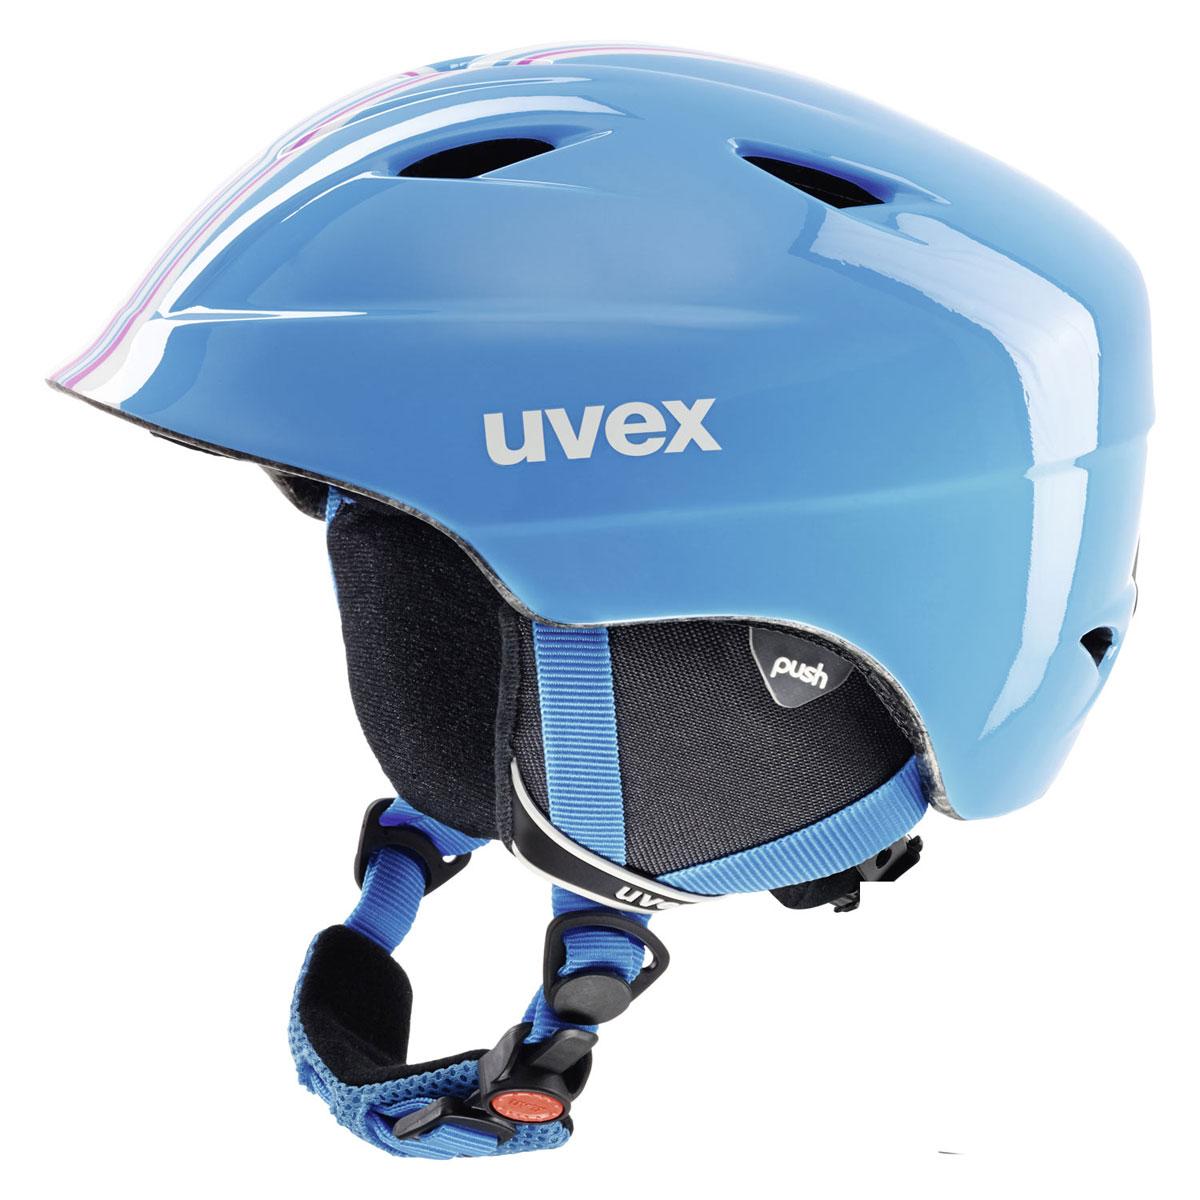 Шлем зимний Uvex  Airwing 2 , детский, цвет: голубой. Размер S - Горные лыжи